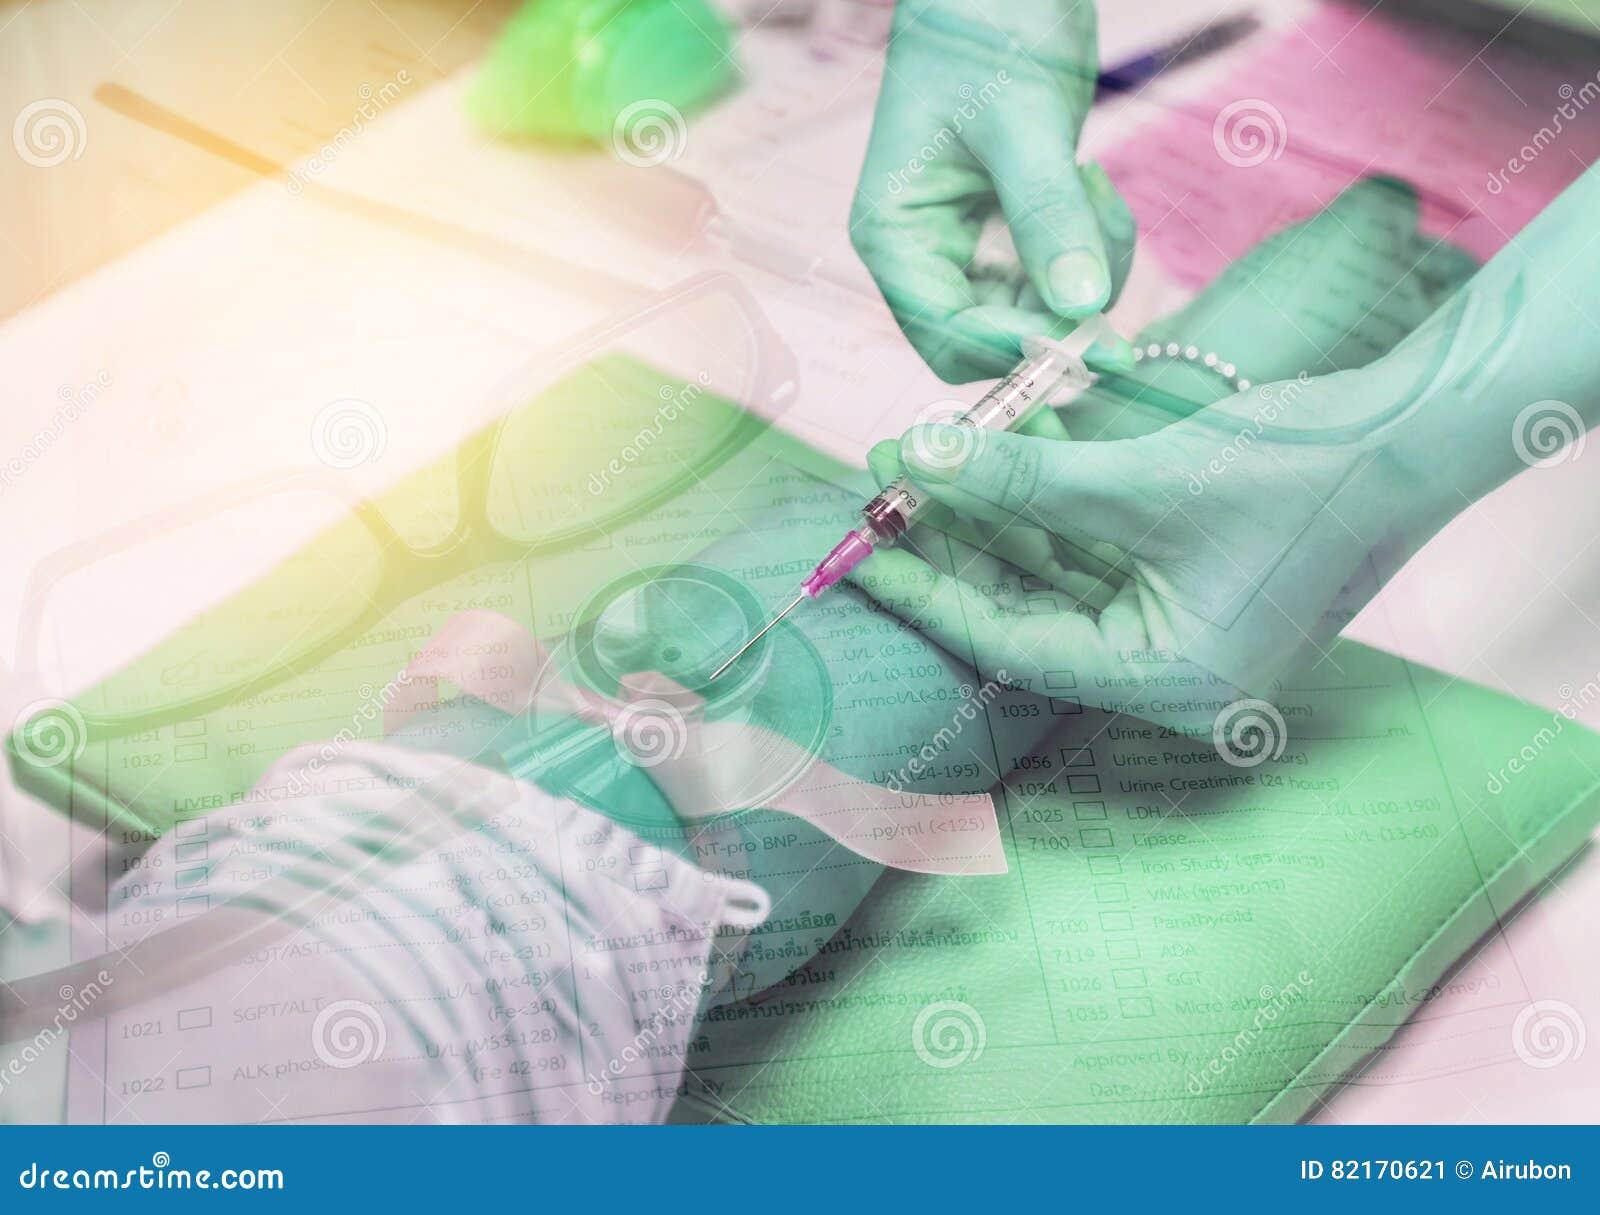 Enfermeira da exposição dobro que pica a seringa da agulha no paciente do braço com o estetoscópio com vidros e papel da prescriç